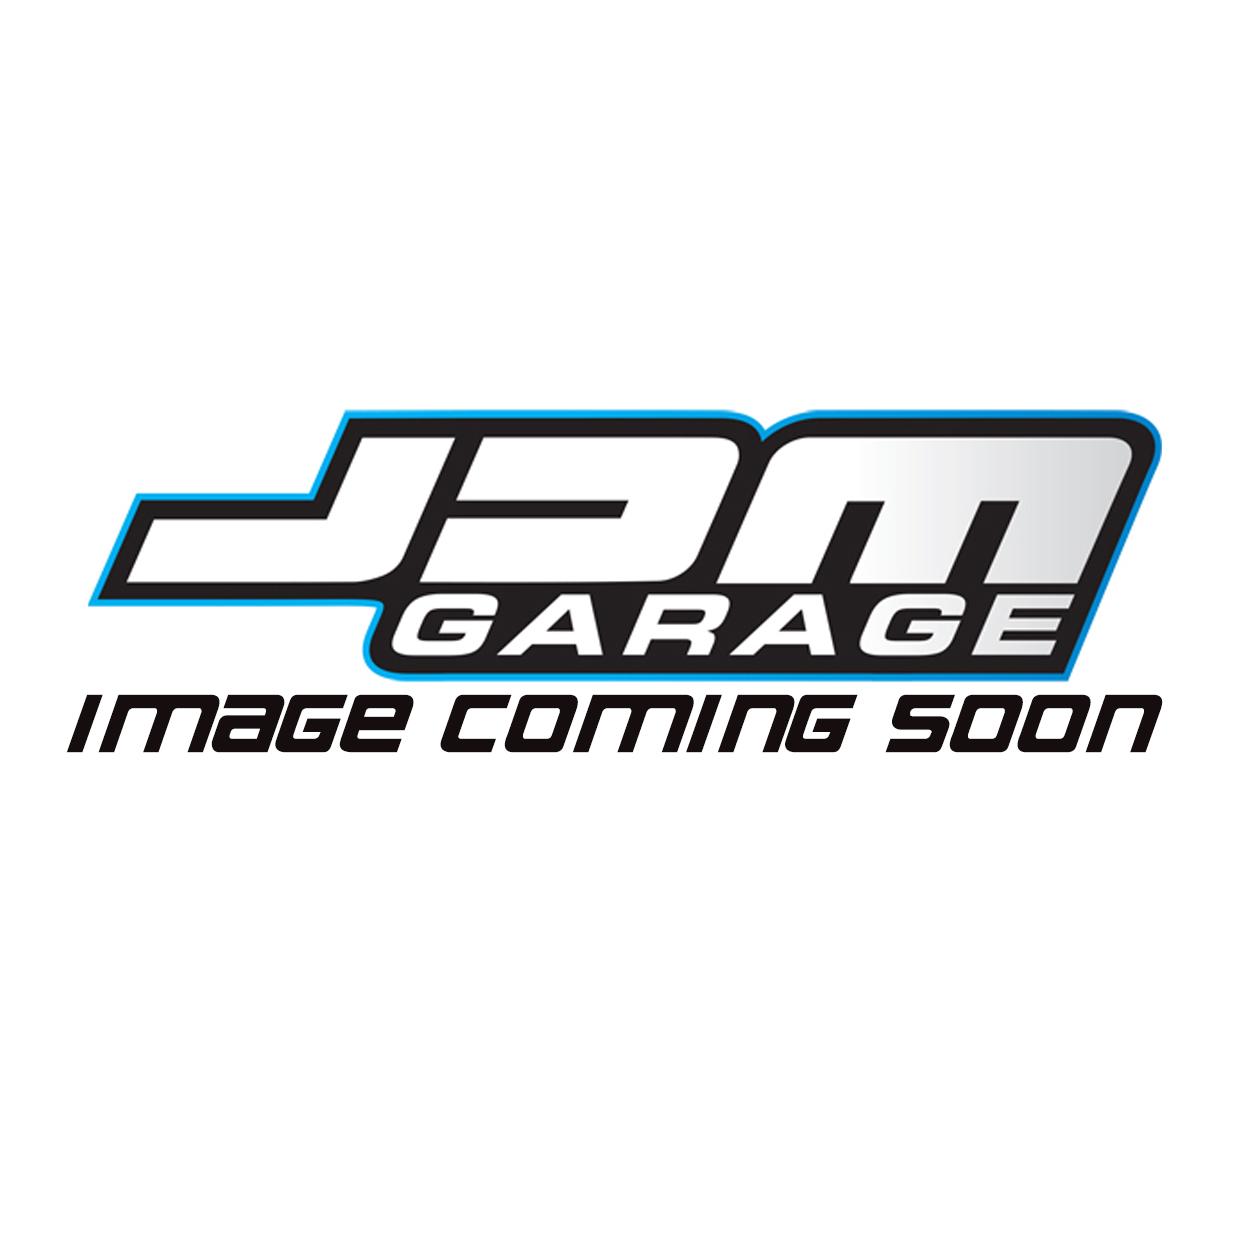 Xtreme Clutch & Flywheel - Organic / Ceramic / Carbon / Single & Twin Plate - BMW M3 E36 3.0L 3.2L 93-00